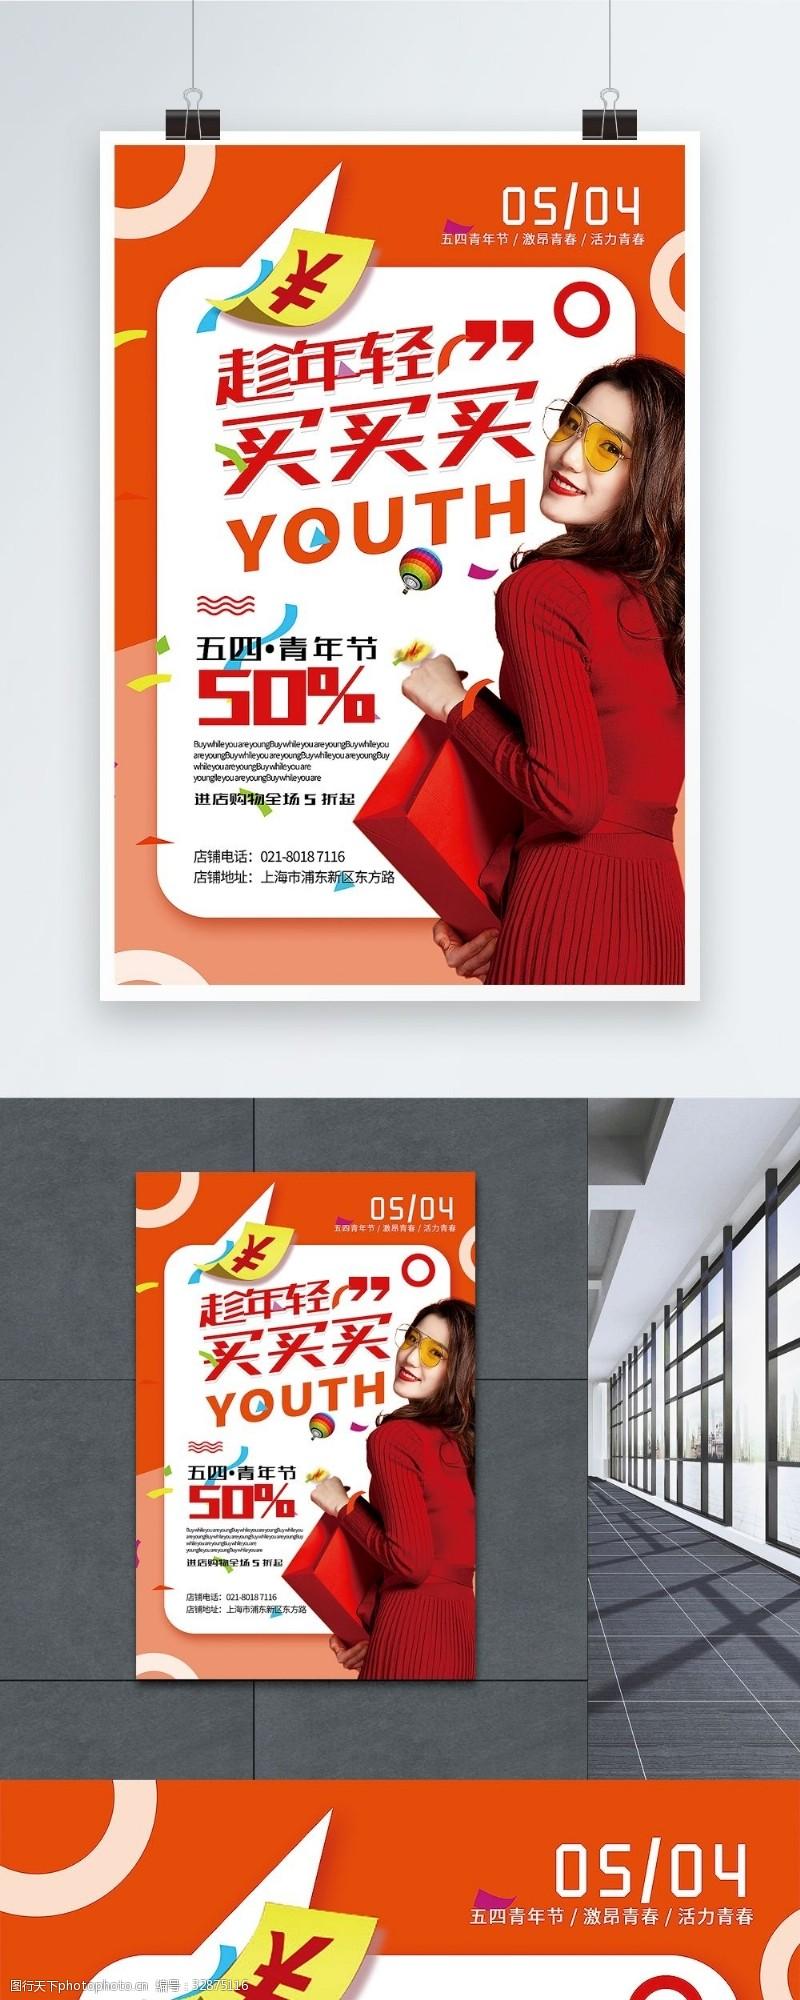 青春美女时尚创意五四青年节主题促销海报